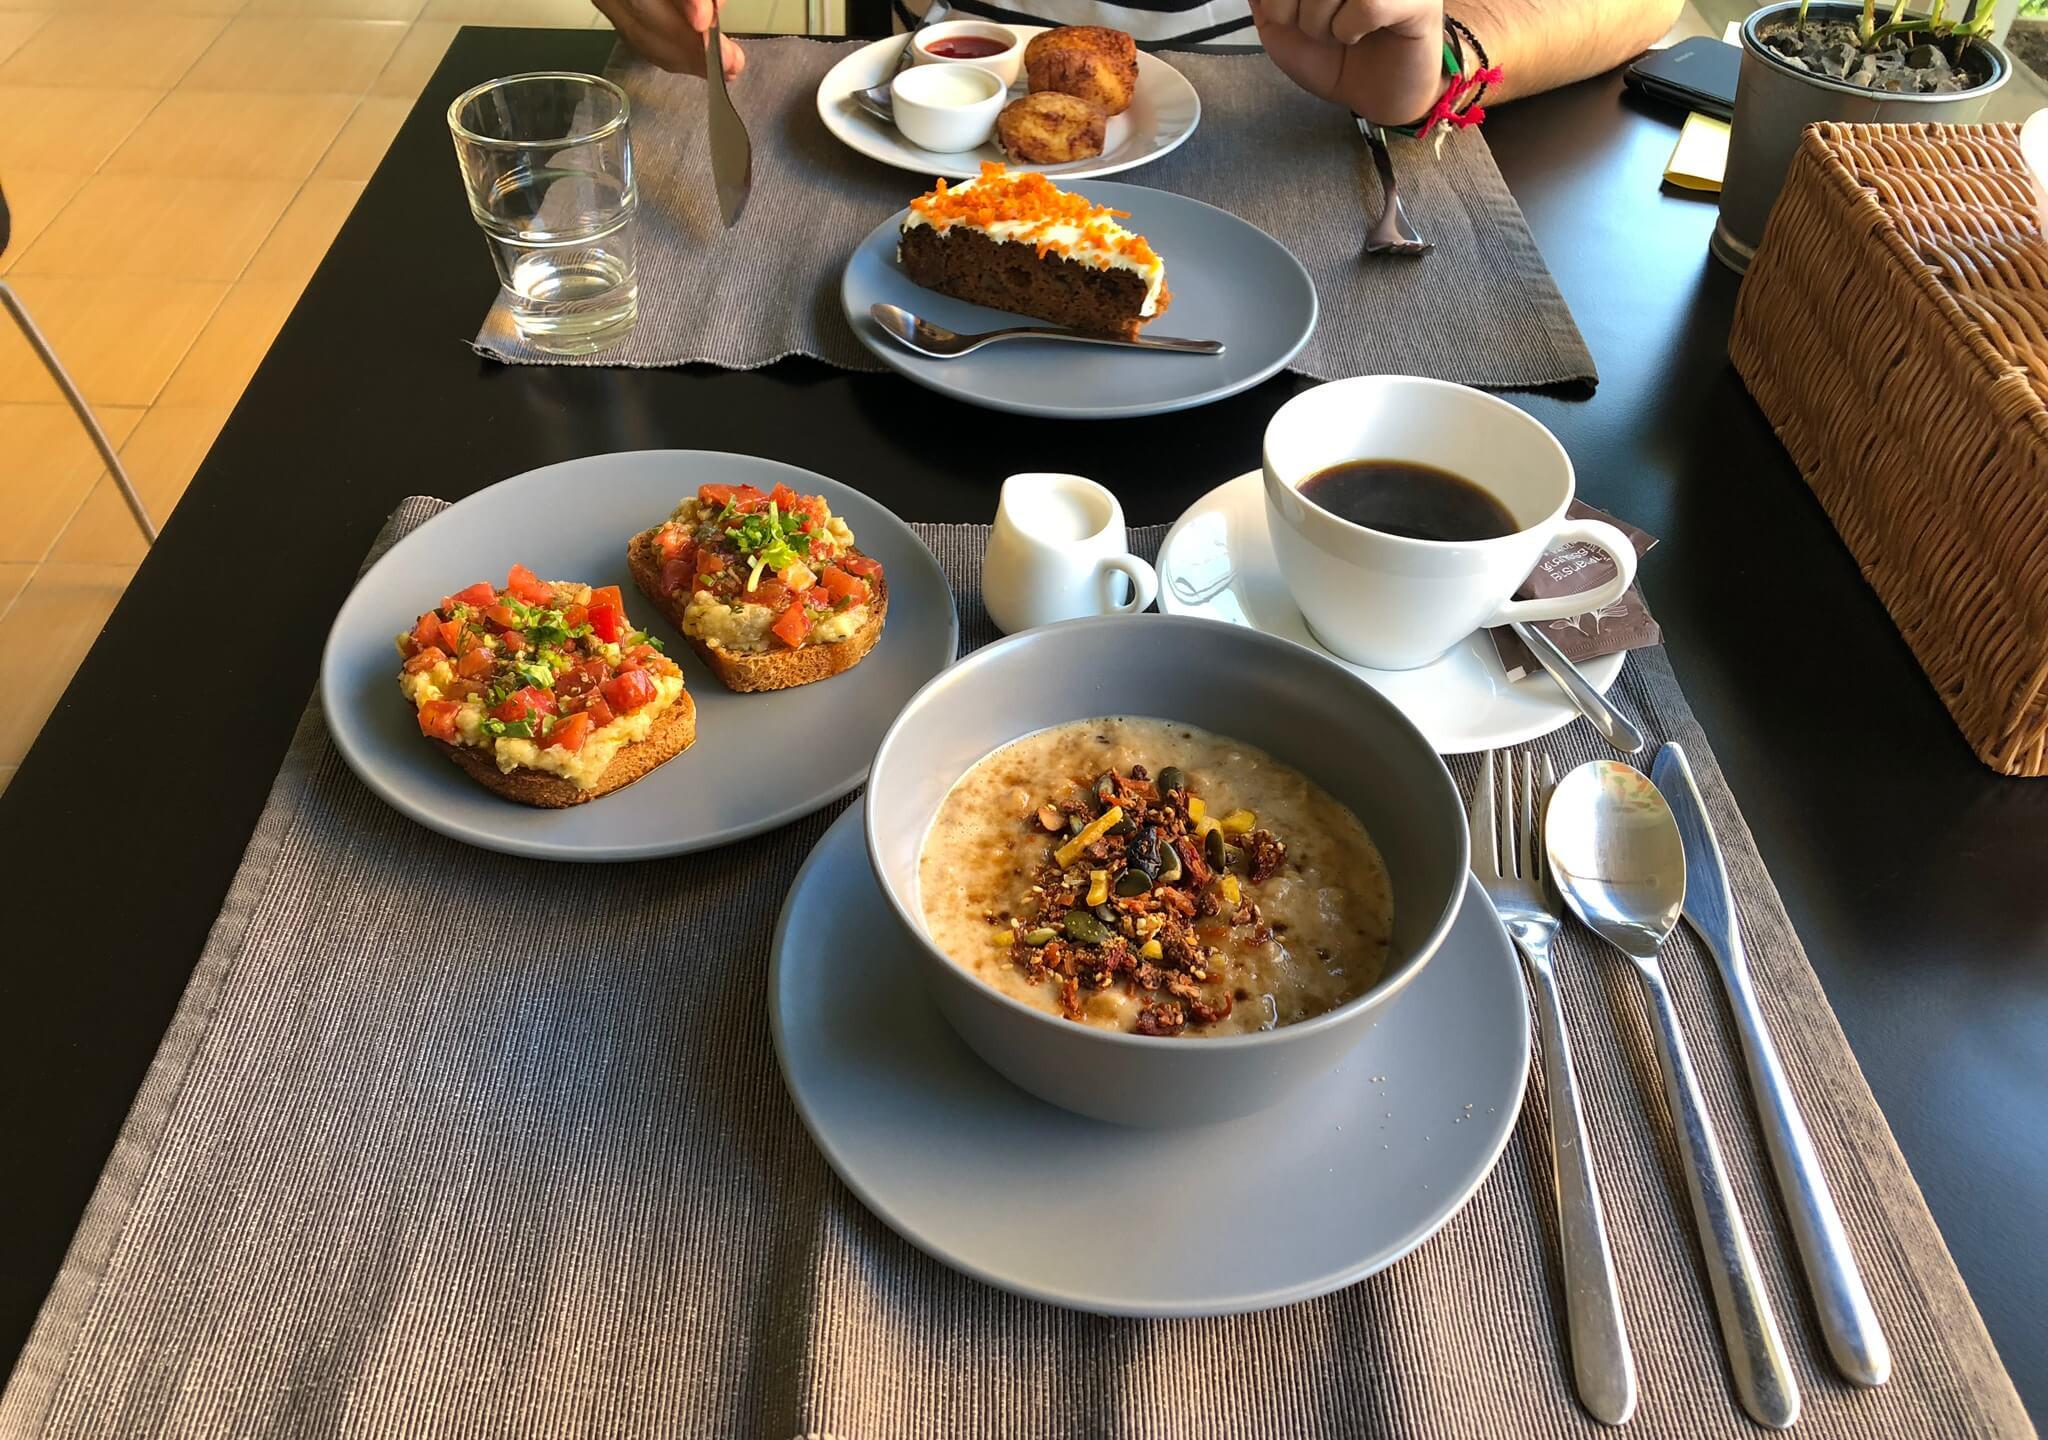 Vegan breakfast with porridge, avocado toasts and cake